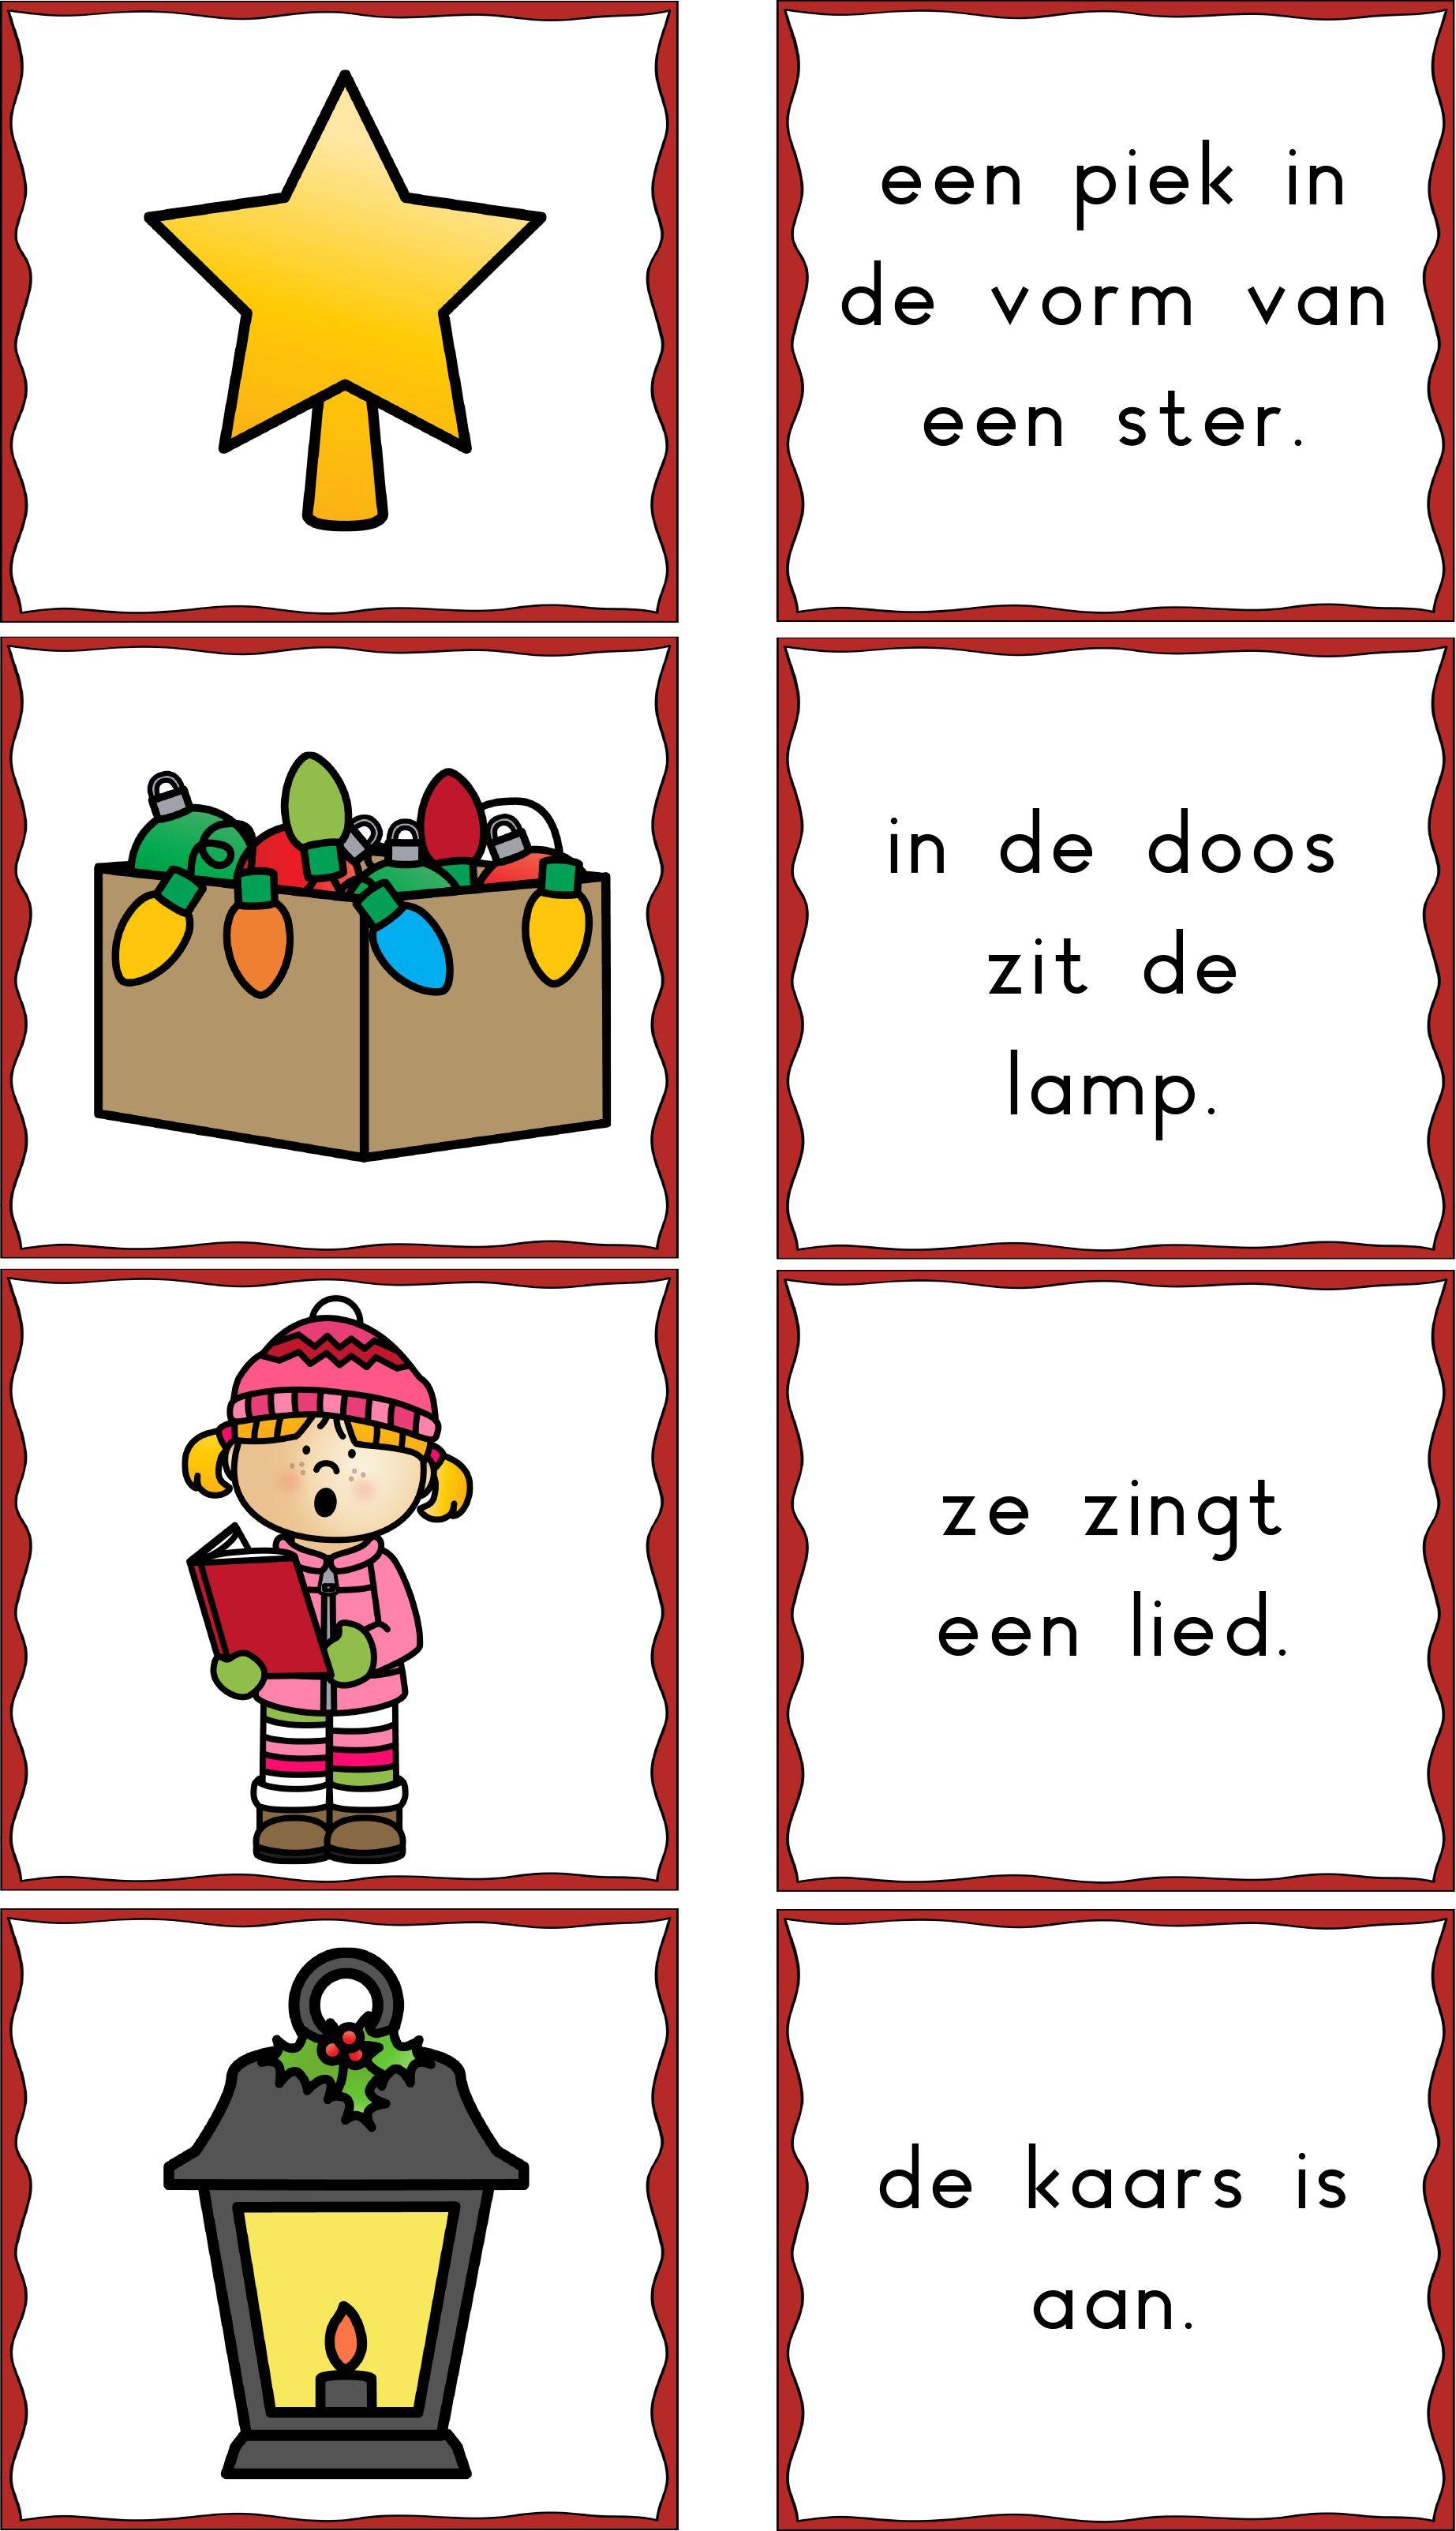 Fonkelnieuw Memorie kerst zinnen - voorbeeld van werkje met korte zinnen EI-19